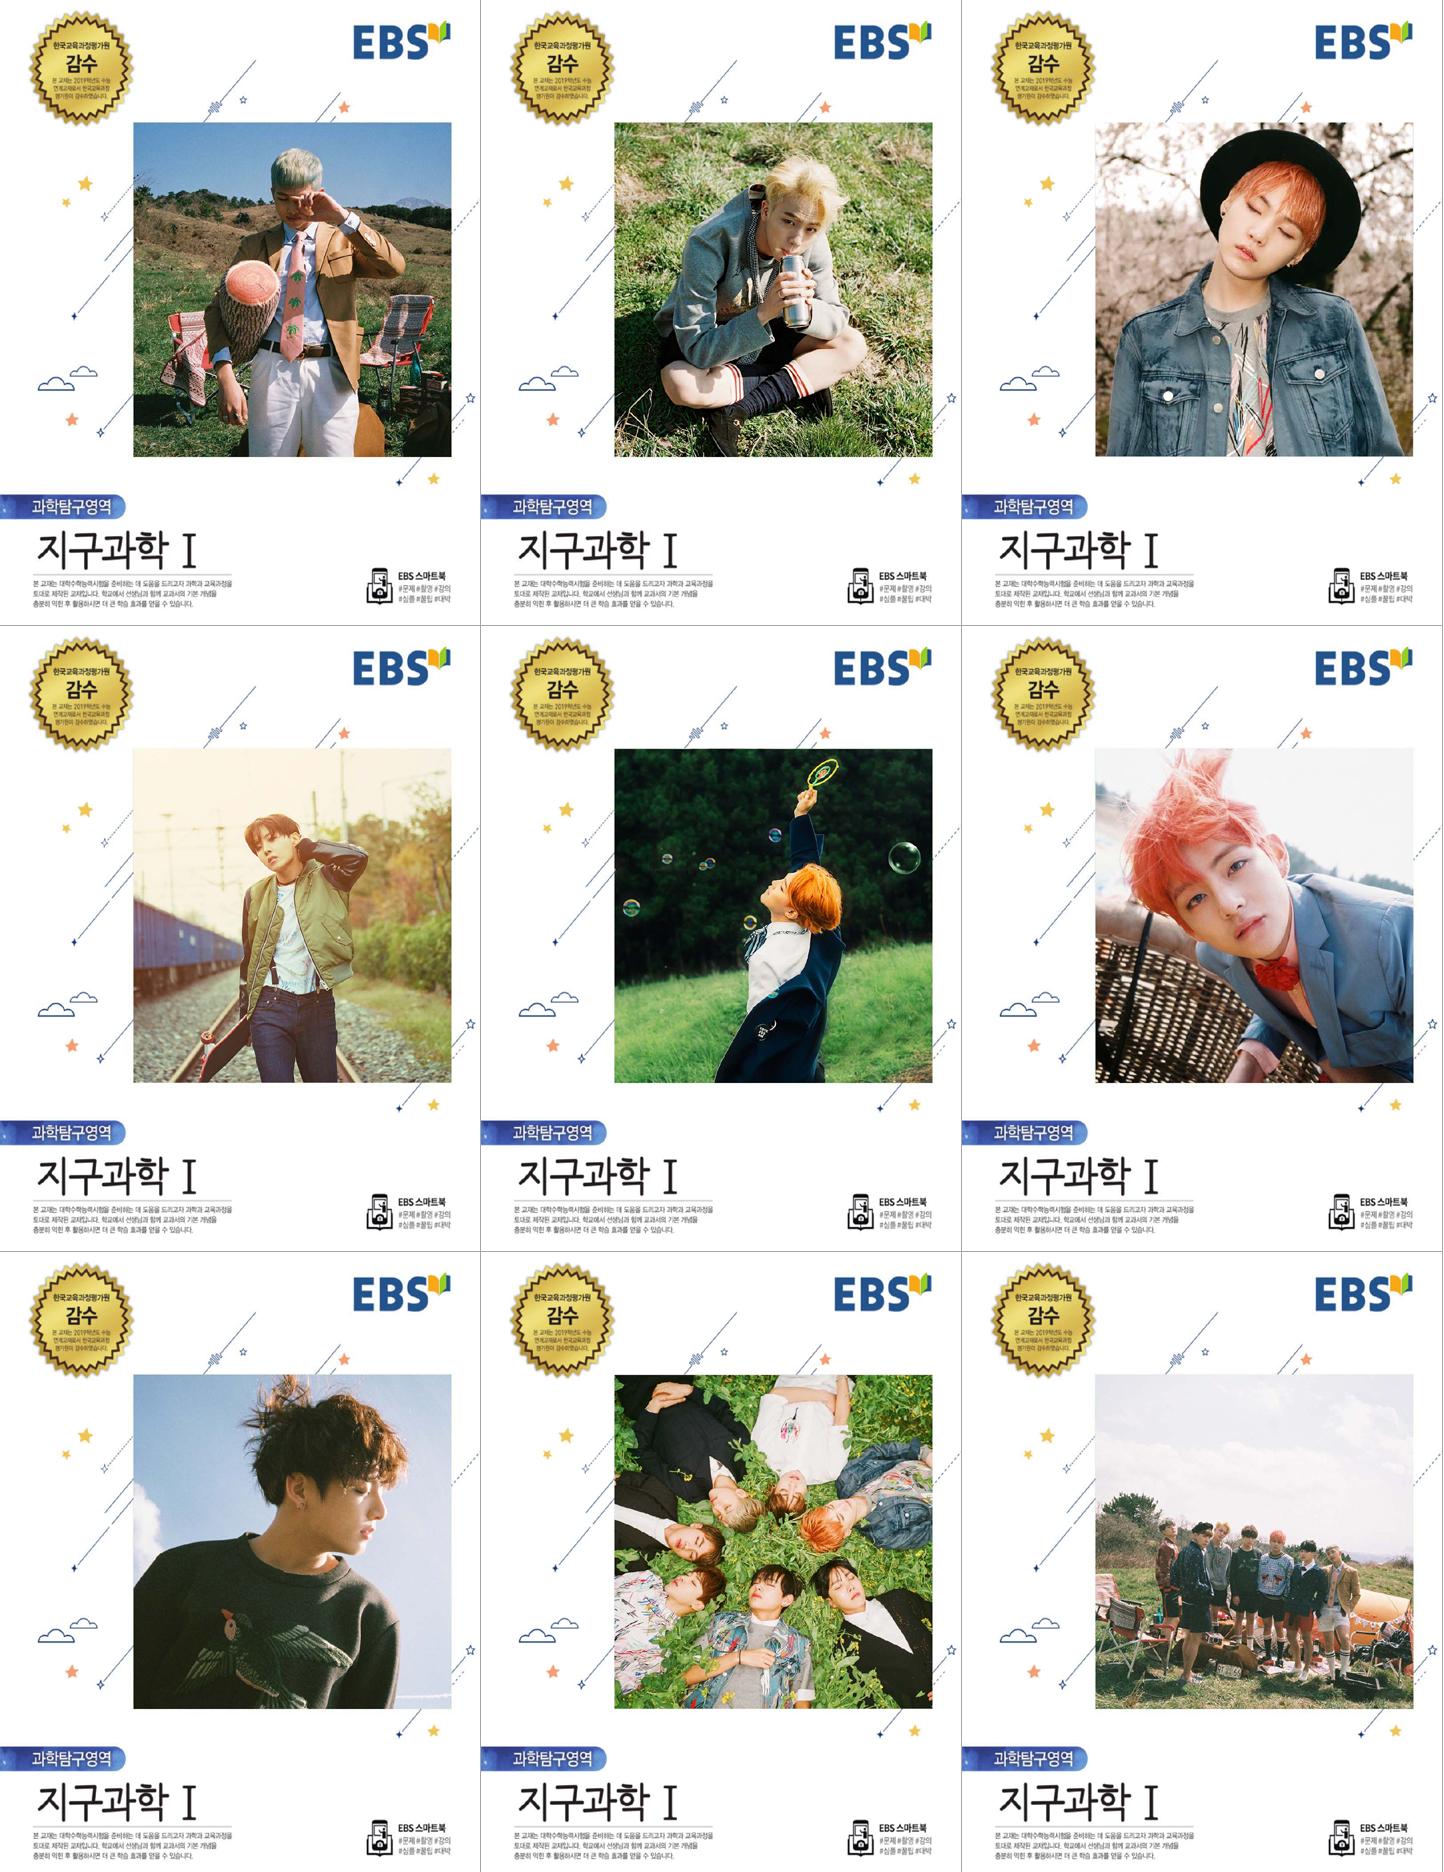 방탄소년단) 2019 수능특강 표지 스티커 2차 공구 수량조사   인스티즈